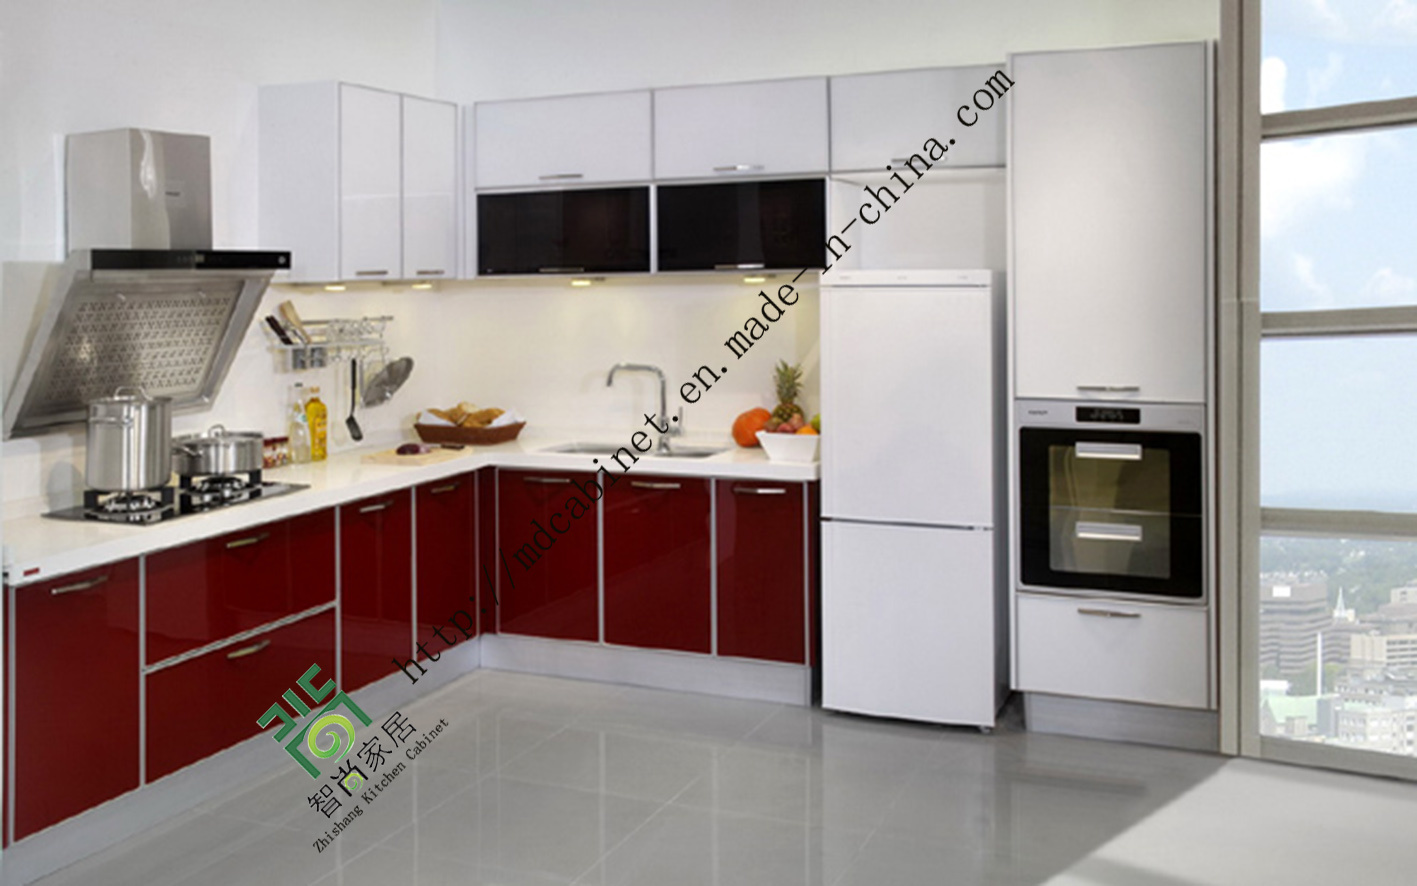 Paneles acrilicos para frentes de cocina beautiful elegant latest kitchen cabinet panel de - Paneles para cocinas ...